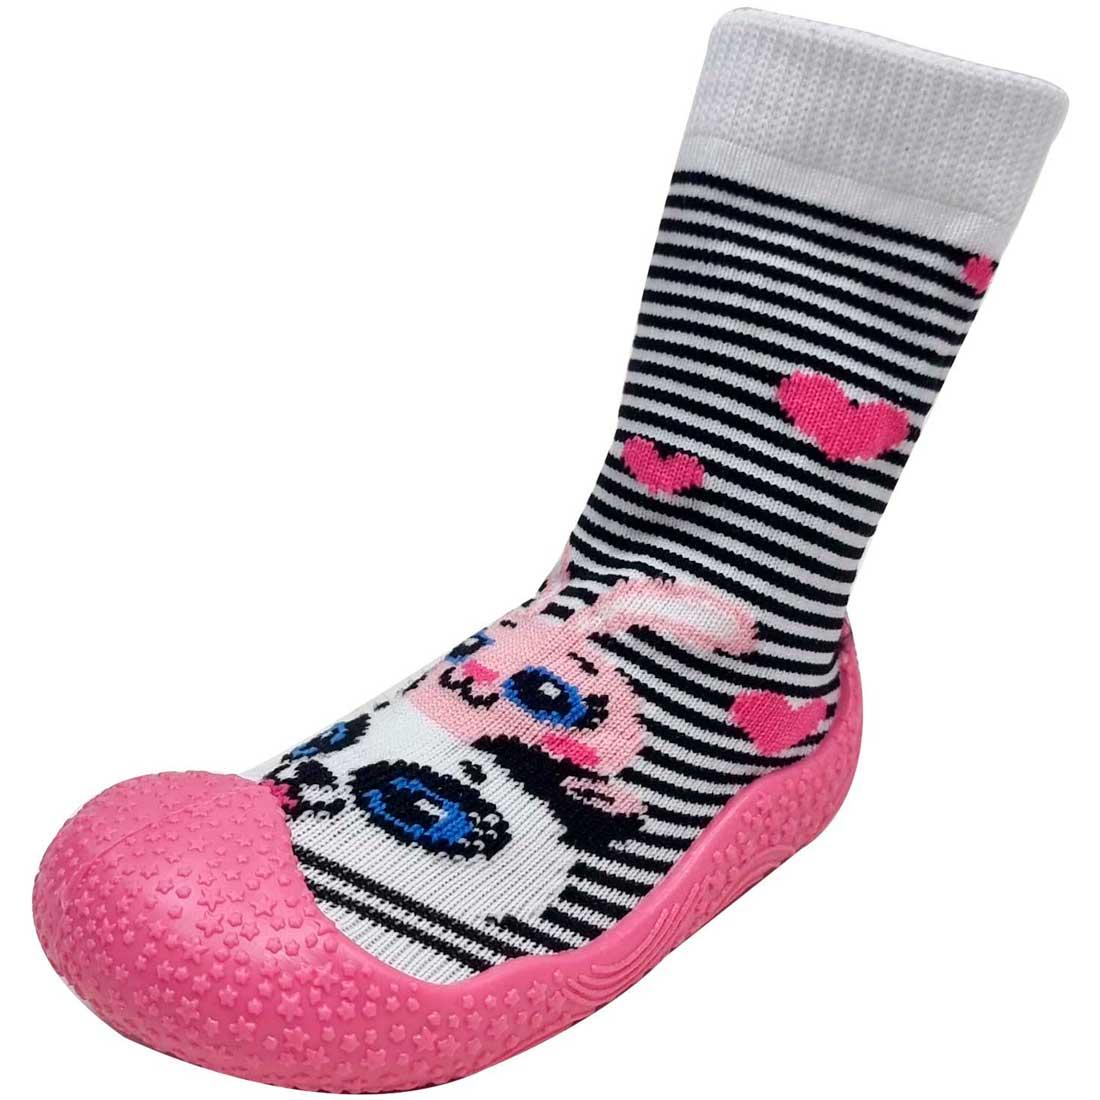 Meia Baby com Solado Panda Listrado - Pink